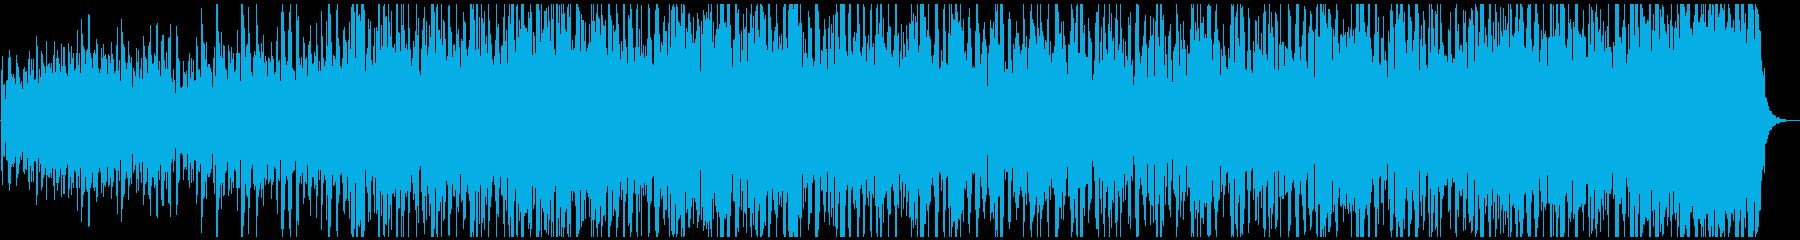 交霊術のイメージのBGMの再生済みの波形